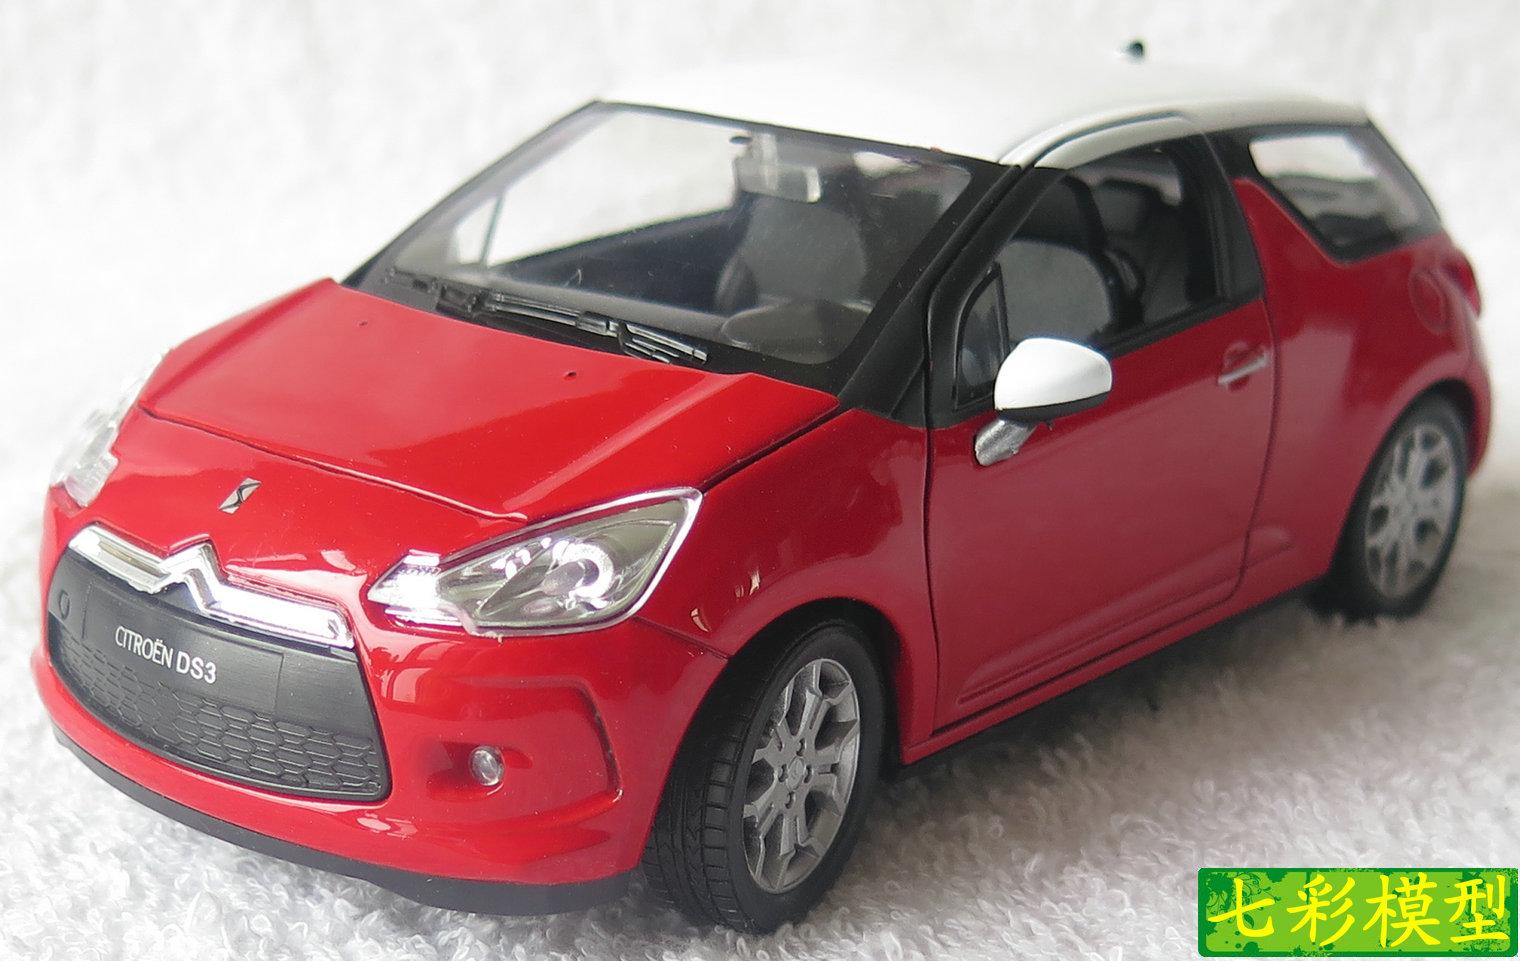 「尊雅】シミュレーション合金静態車のモデルWellyウィリーいち:24シトロエンDS3児童のおもちゃ